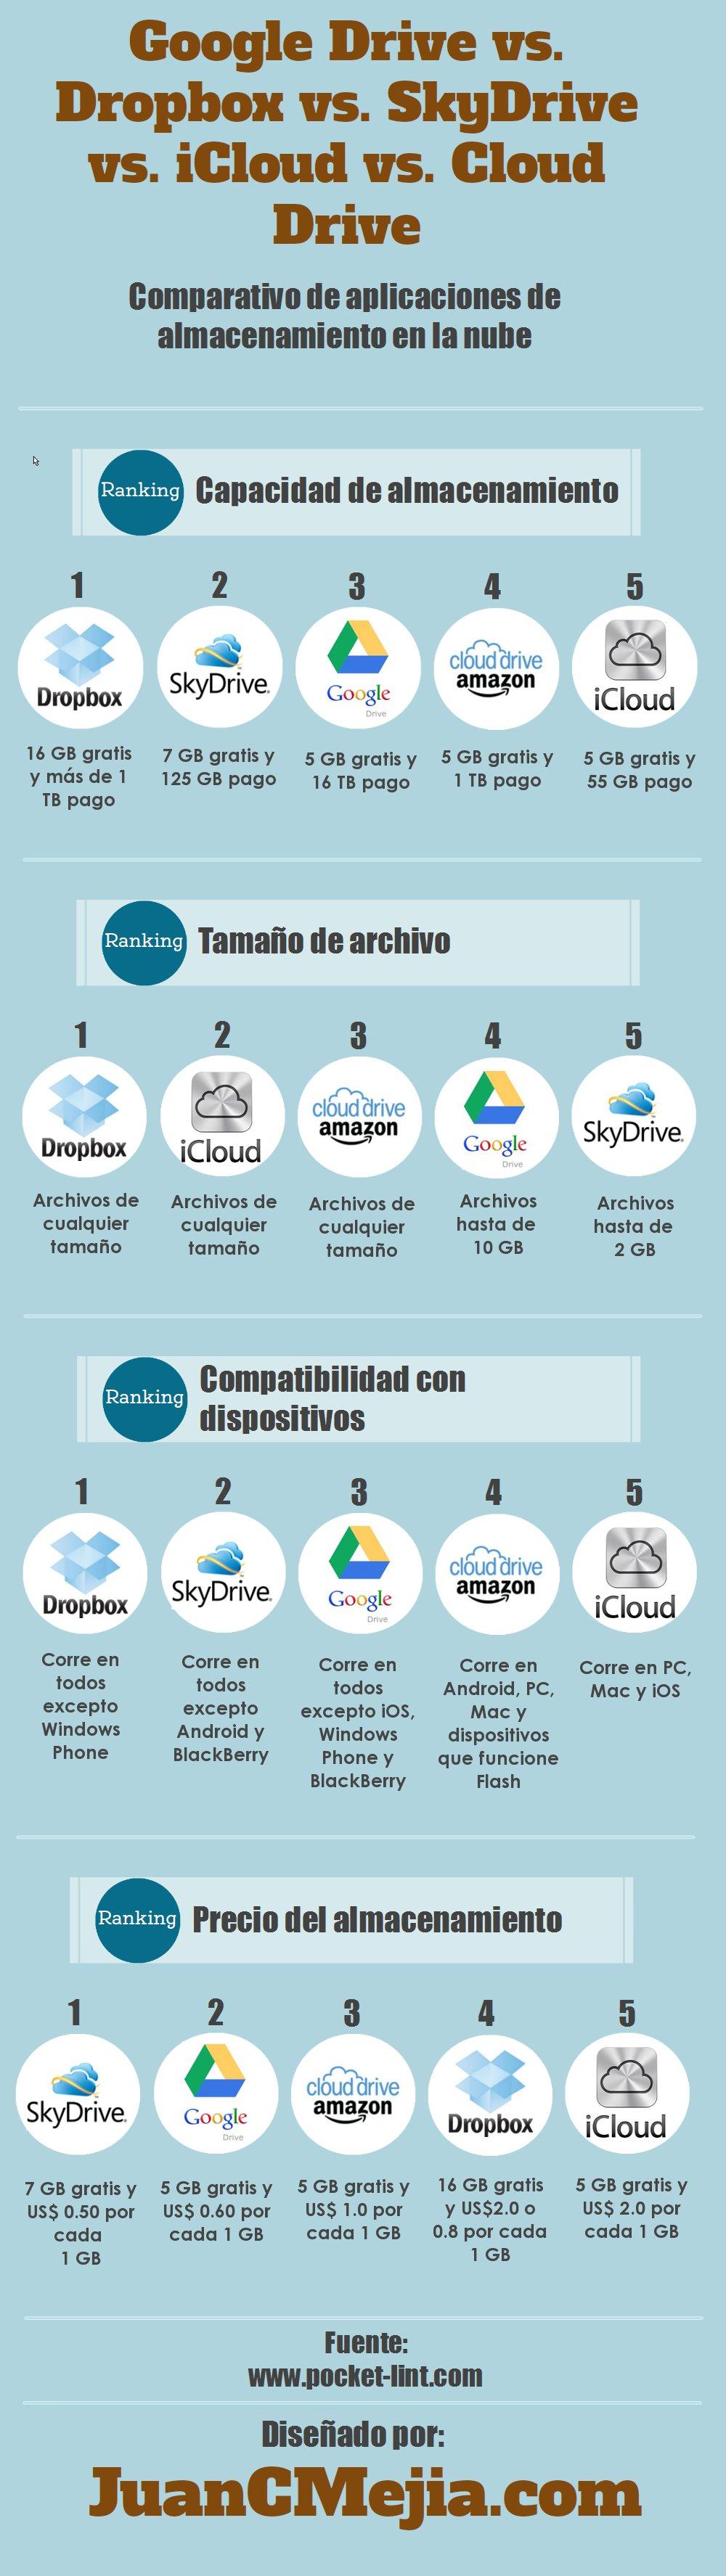 Infografía con comparativo de sistemas de almacenamiento en la nube: de Google Drive vs Dropbox vs Microsoft SkyDrive vs Apple iCloud vs Amazon Cloud Drive